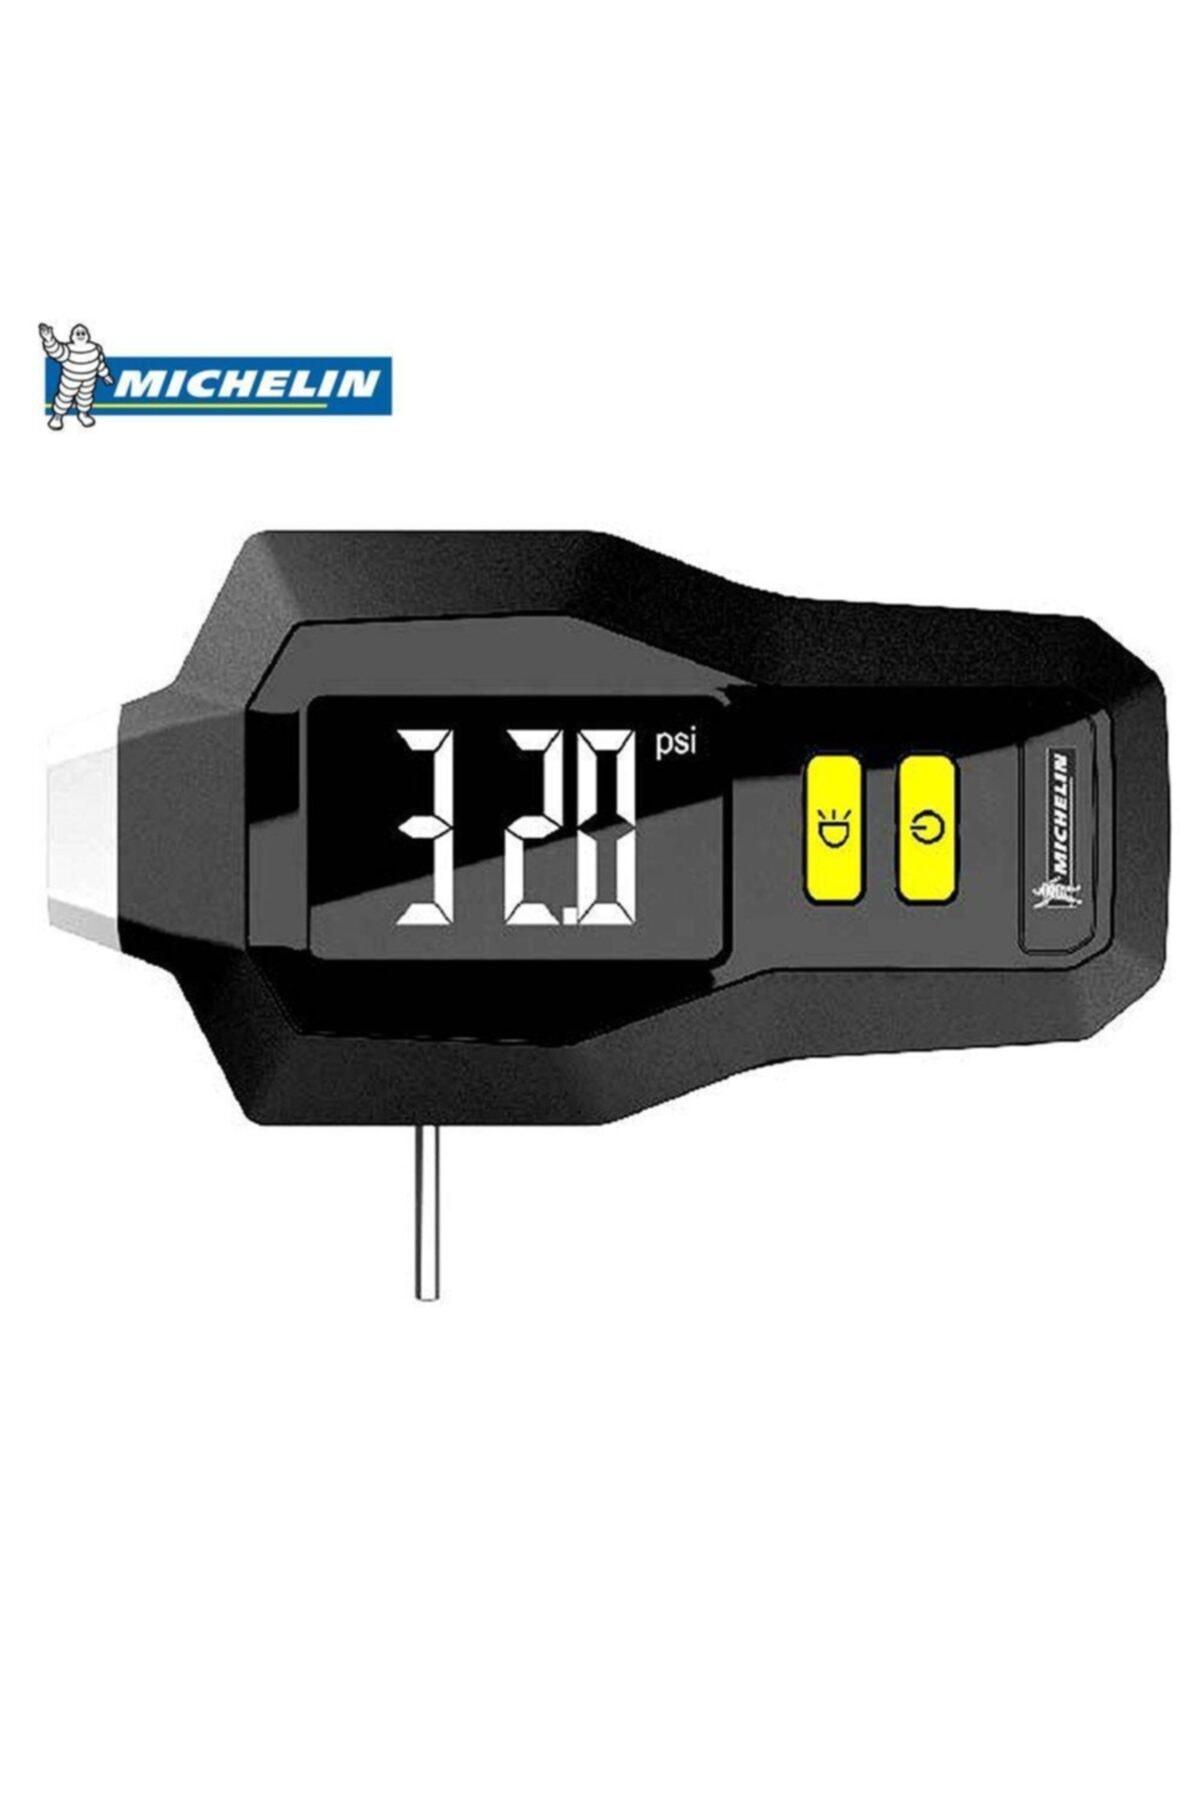 Michelin Mc12293 99psı Dijital Lastik Basınç Ve Derinlik Ölçer 1